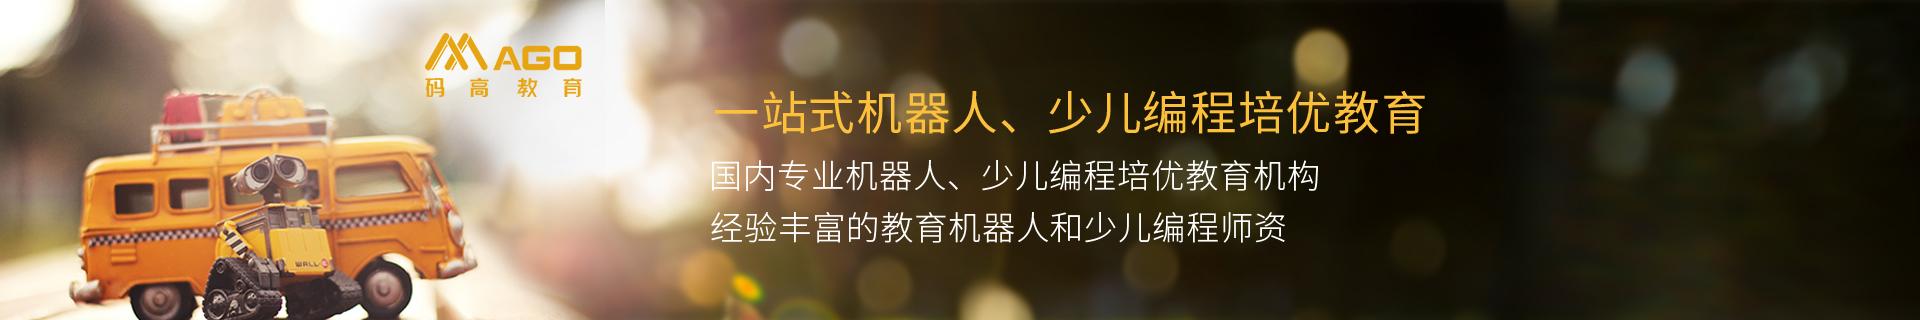 东营码高教育培训